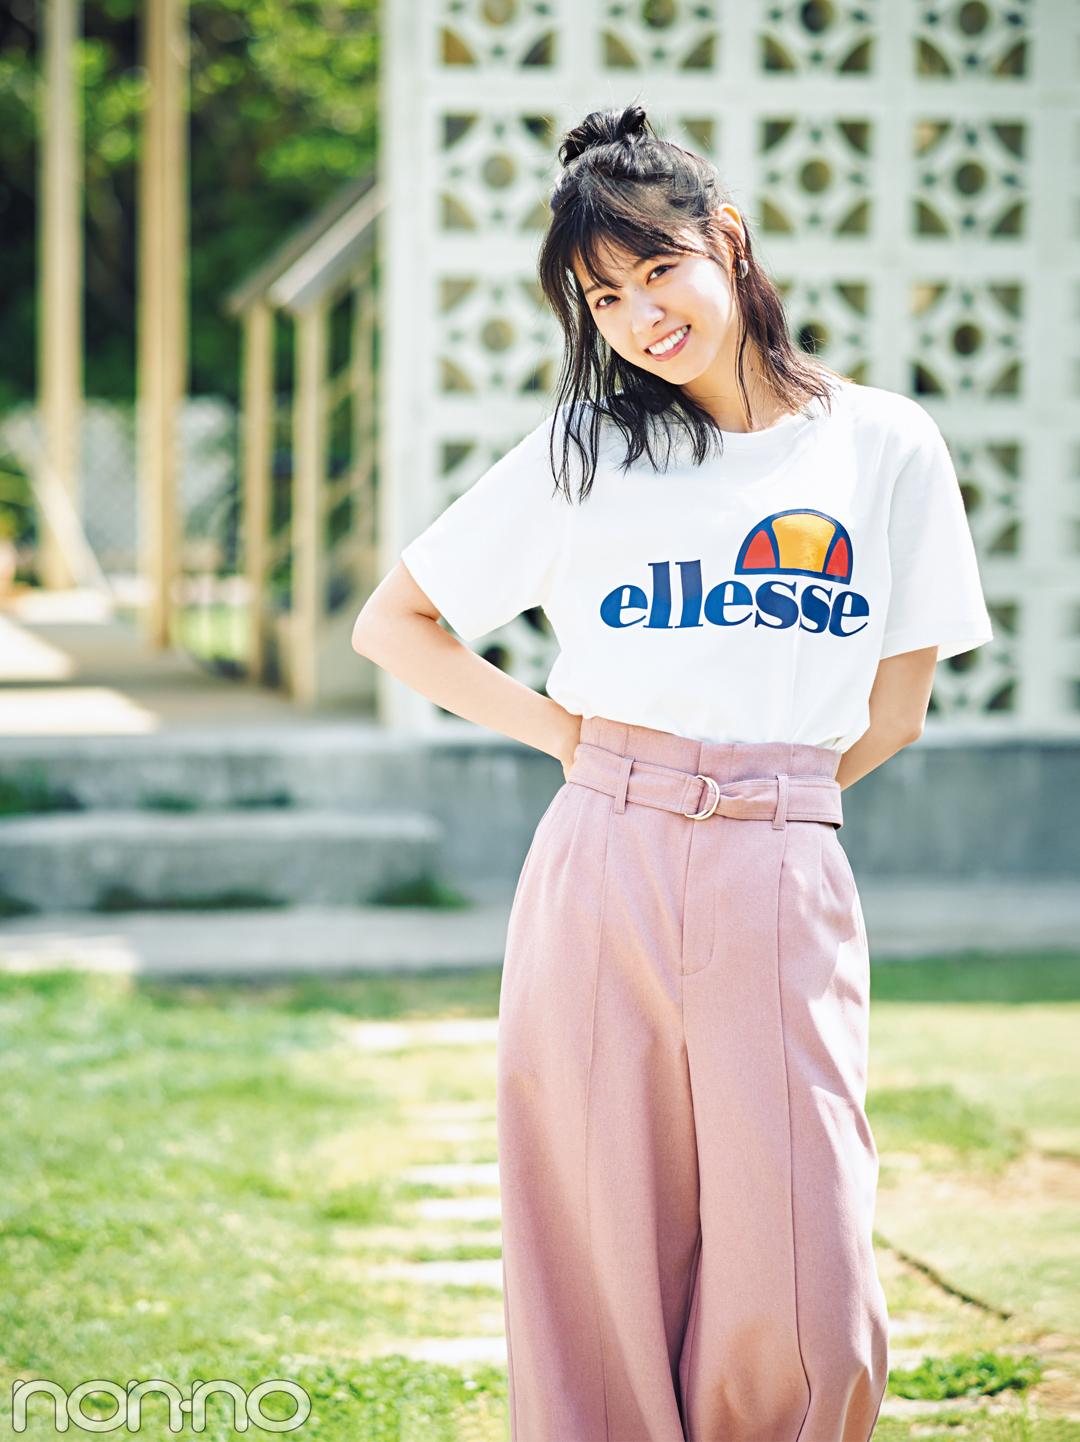 西野七瀬,Tシャツ,楽天,ellesse,楽天,購入,Tシャツ,20170717